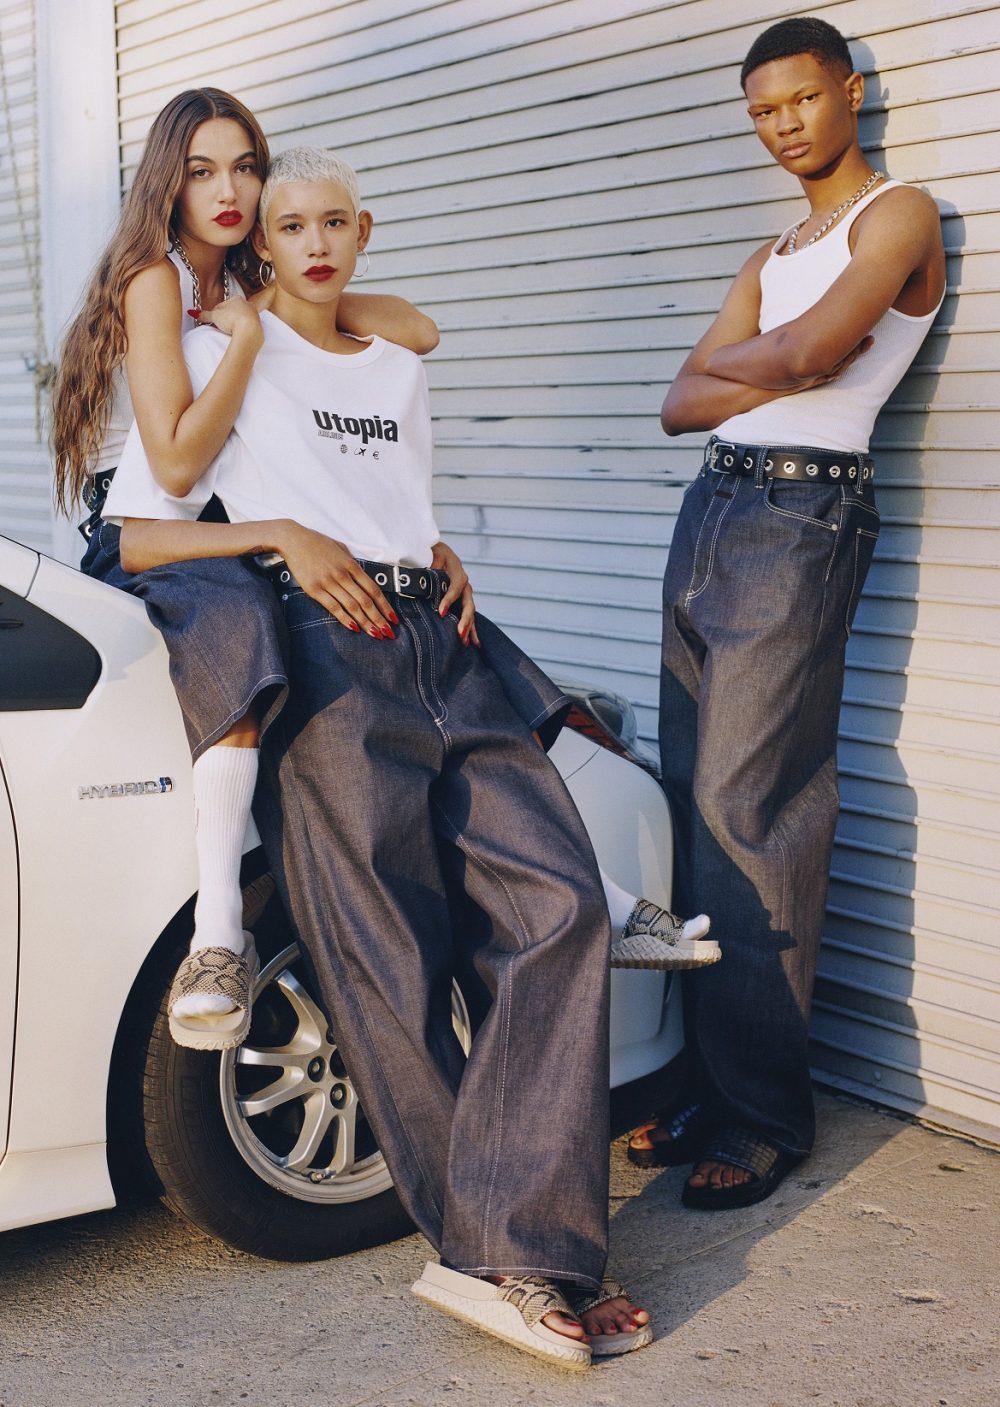 6069A 04 e1544629957653 H&M i kultni brend Eytys napravili uniseks kolekciju obuće, odeće i modnih dodataka